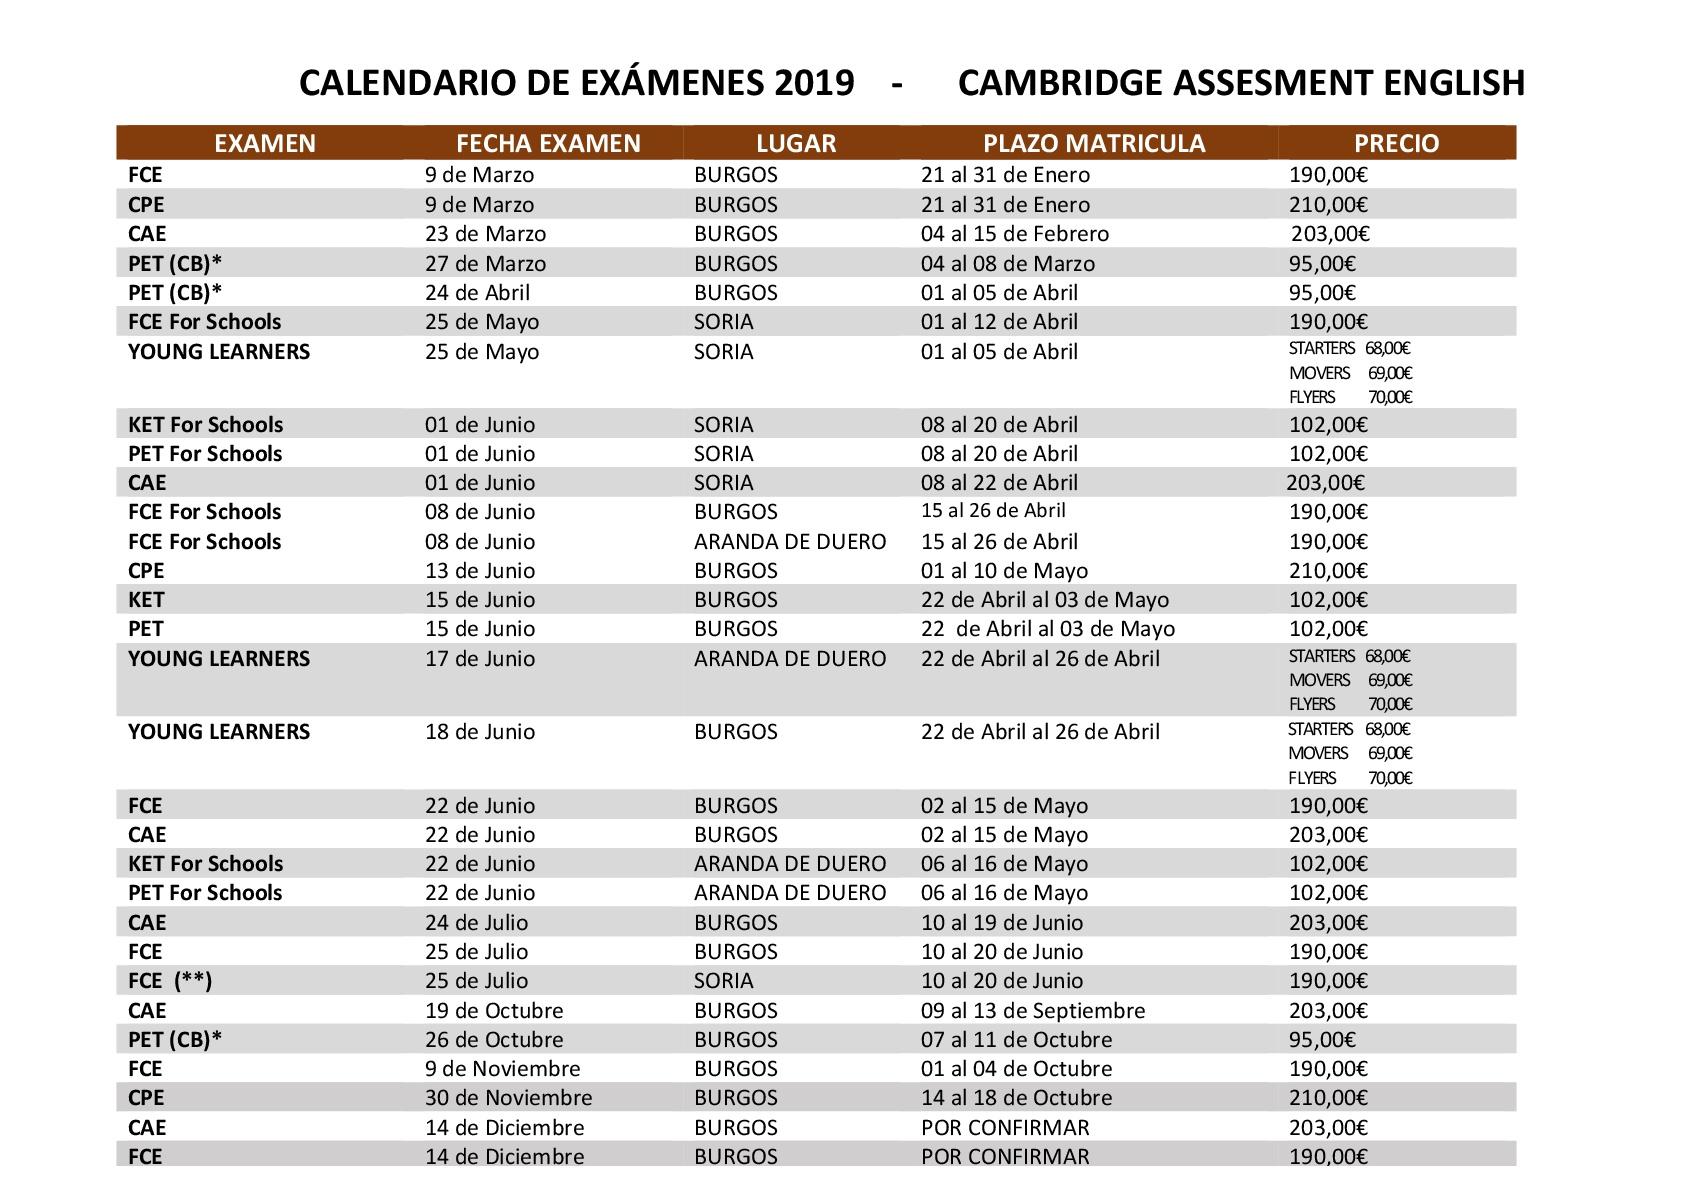 calendario cambridge